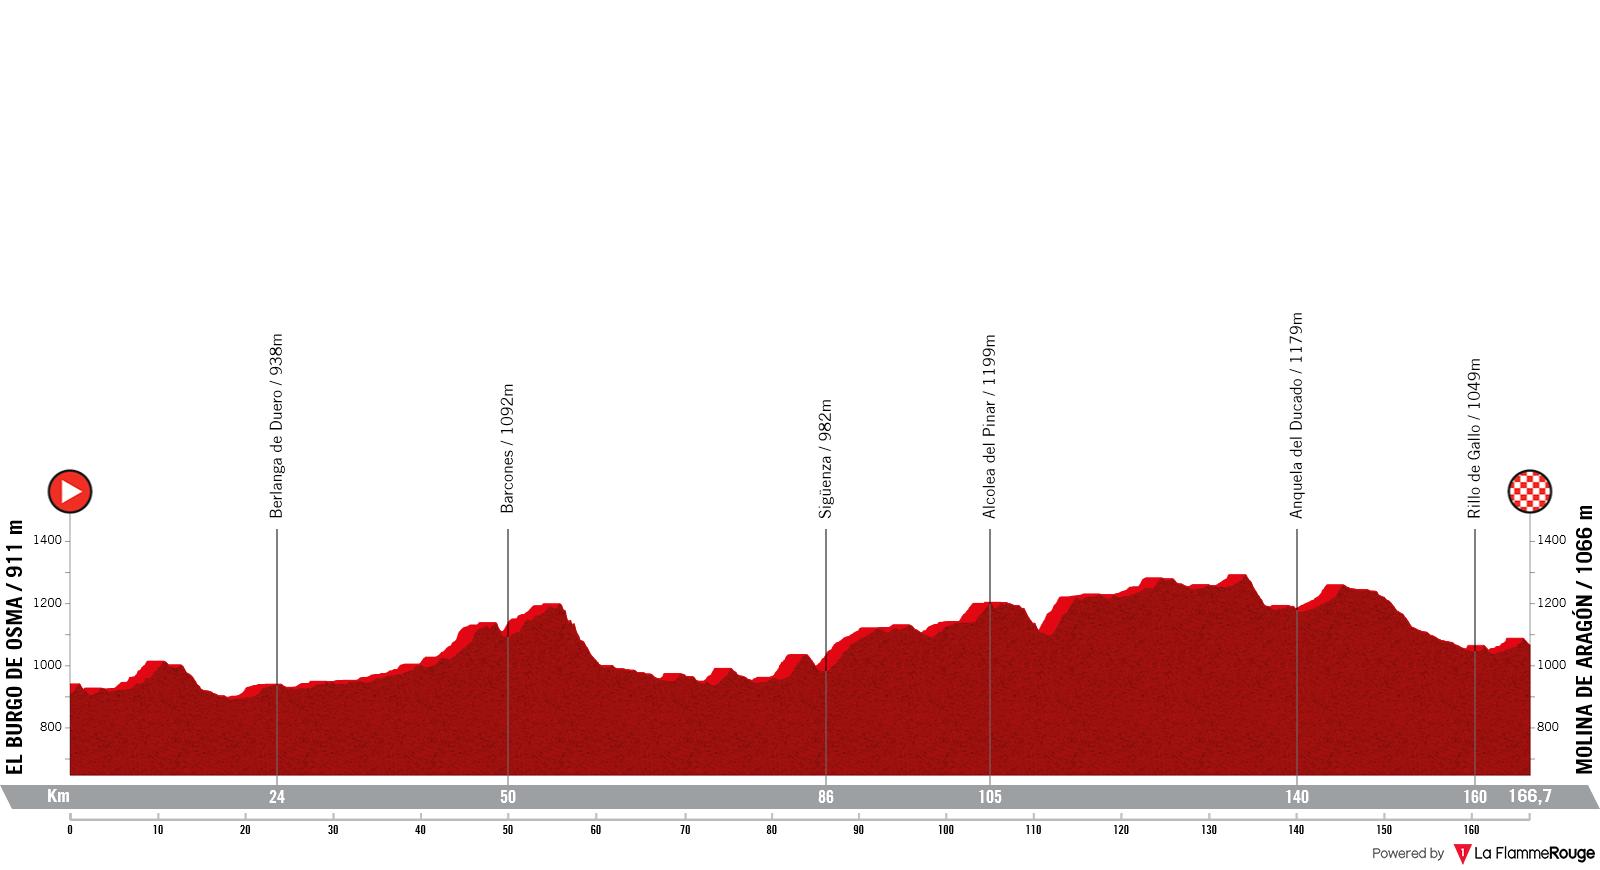 Etapa 4 - Vuelta España 2021 - El Burgo de Osma Molina de Aragón